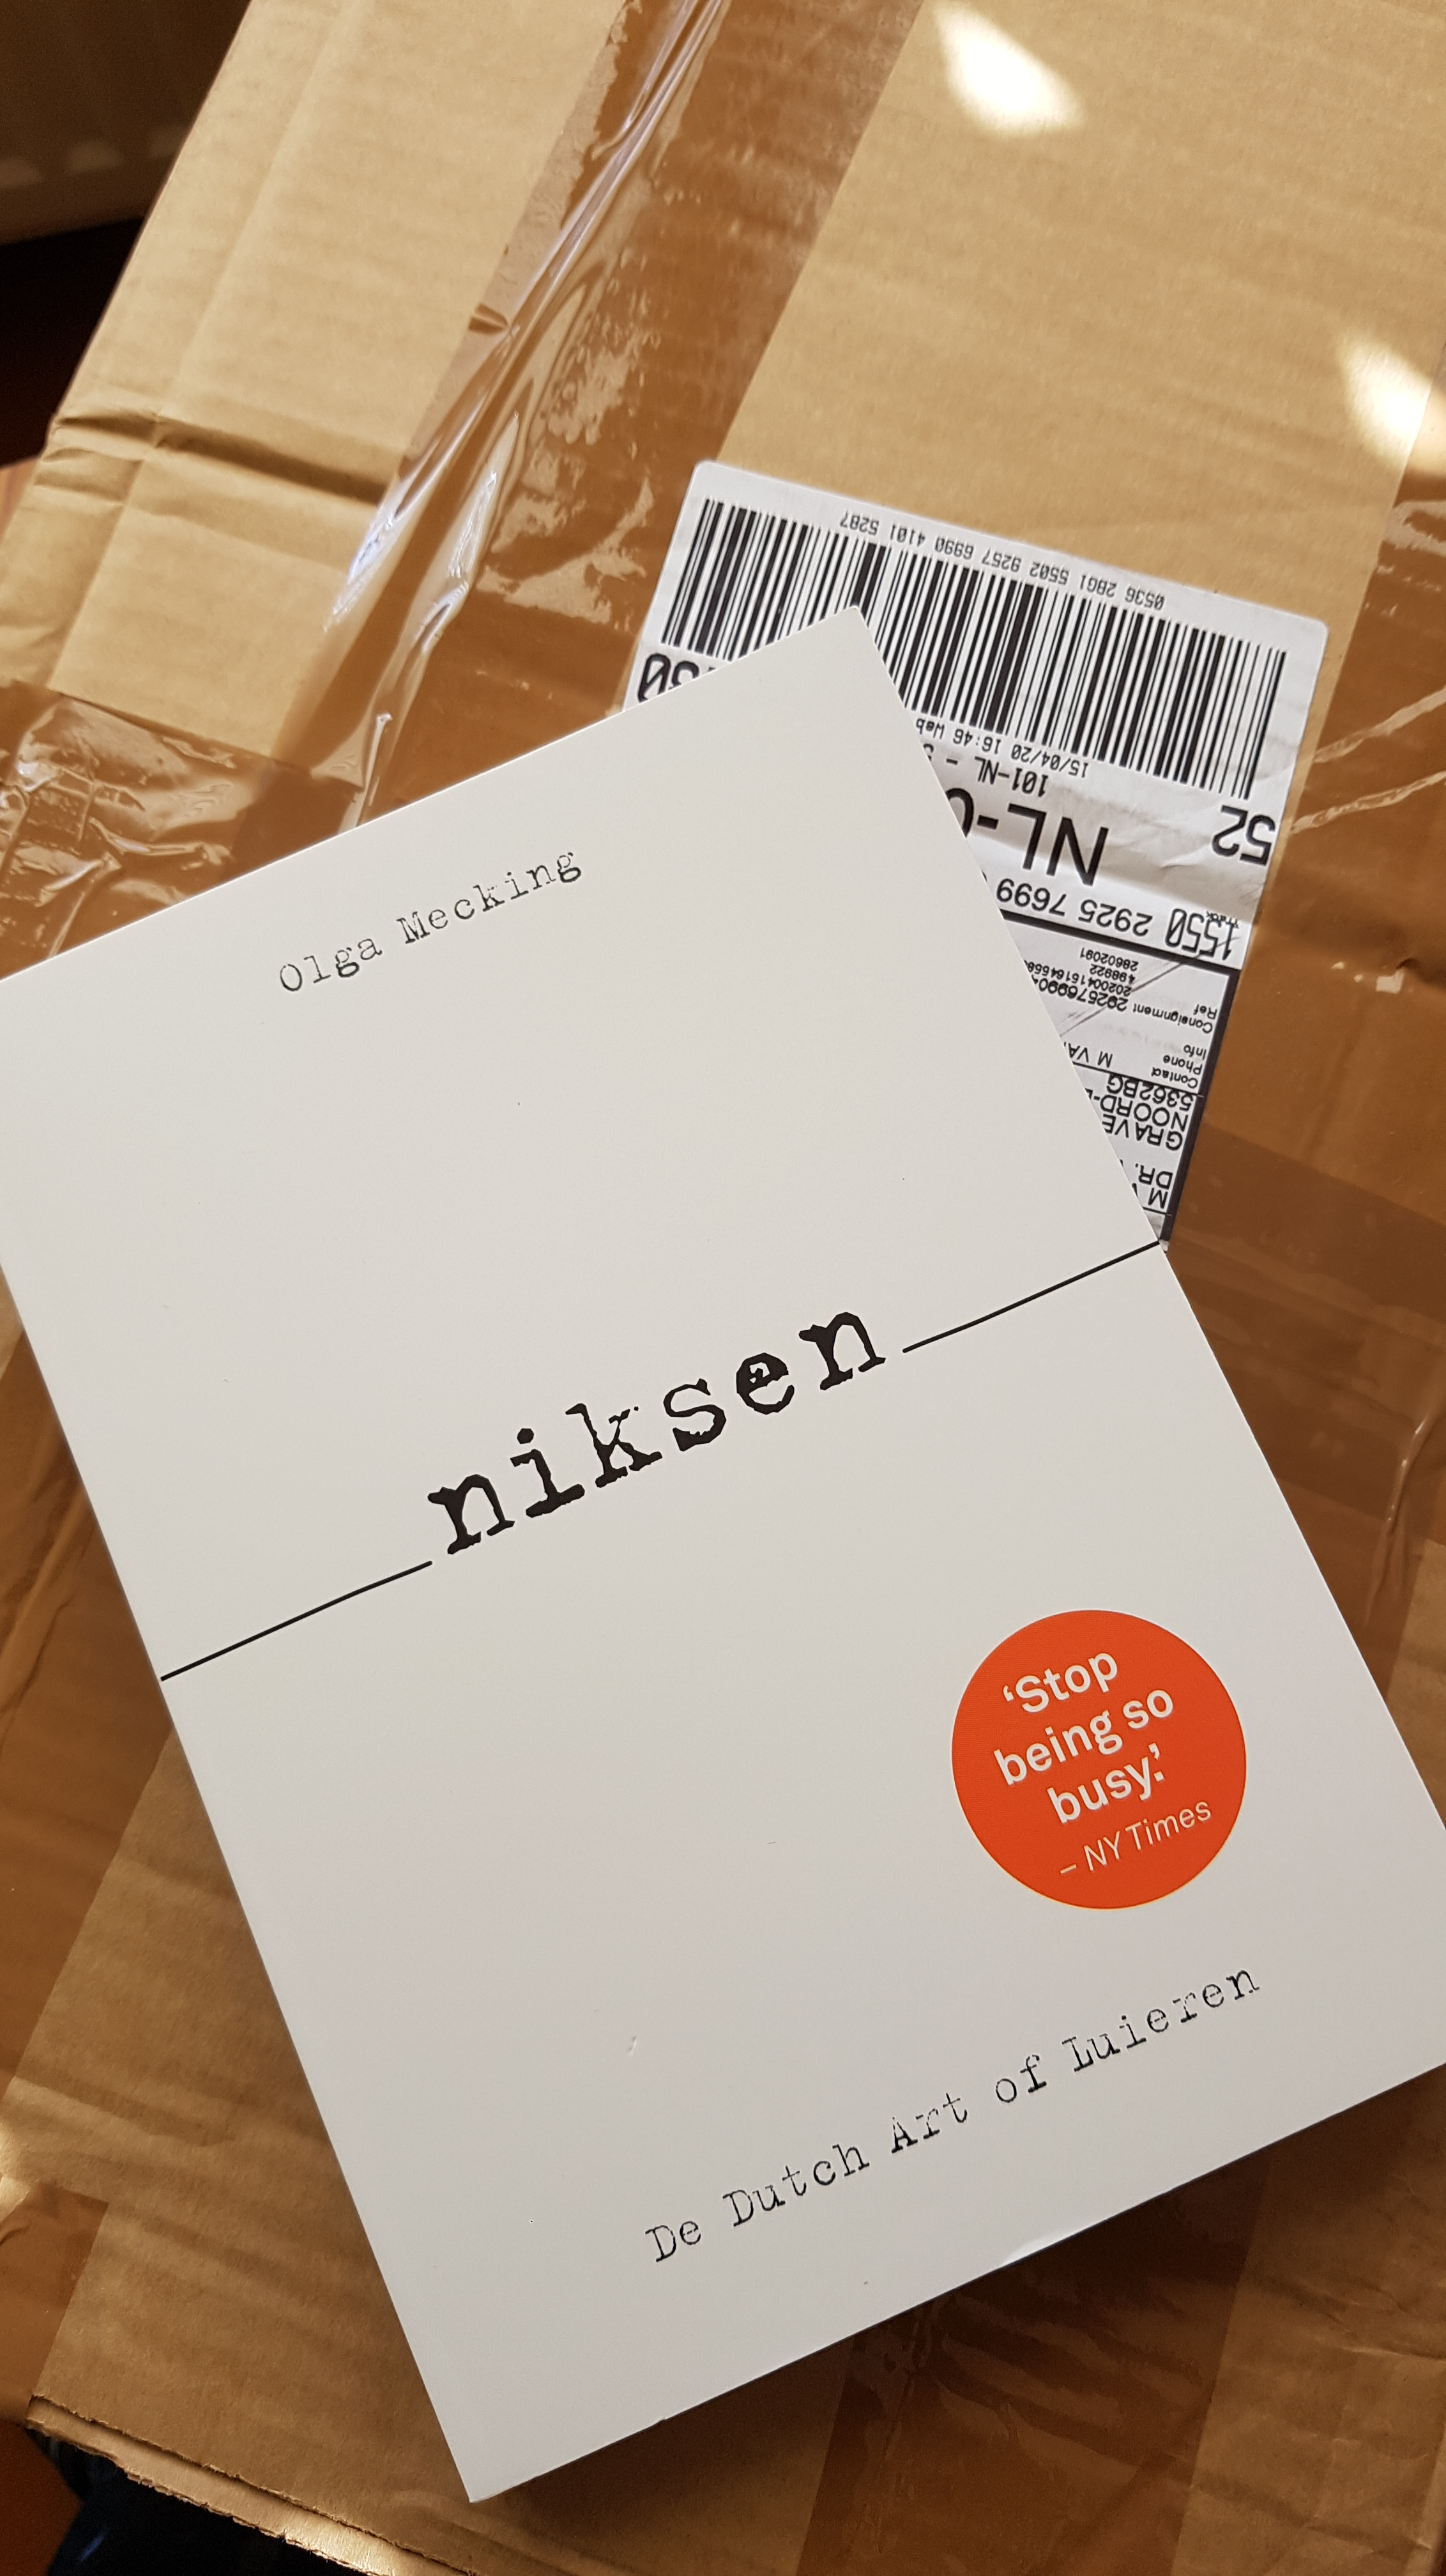 Niksen boek Olga Mecking Mirjam van Elst post PostNL